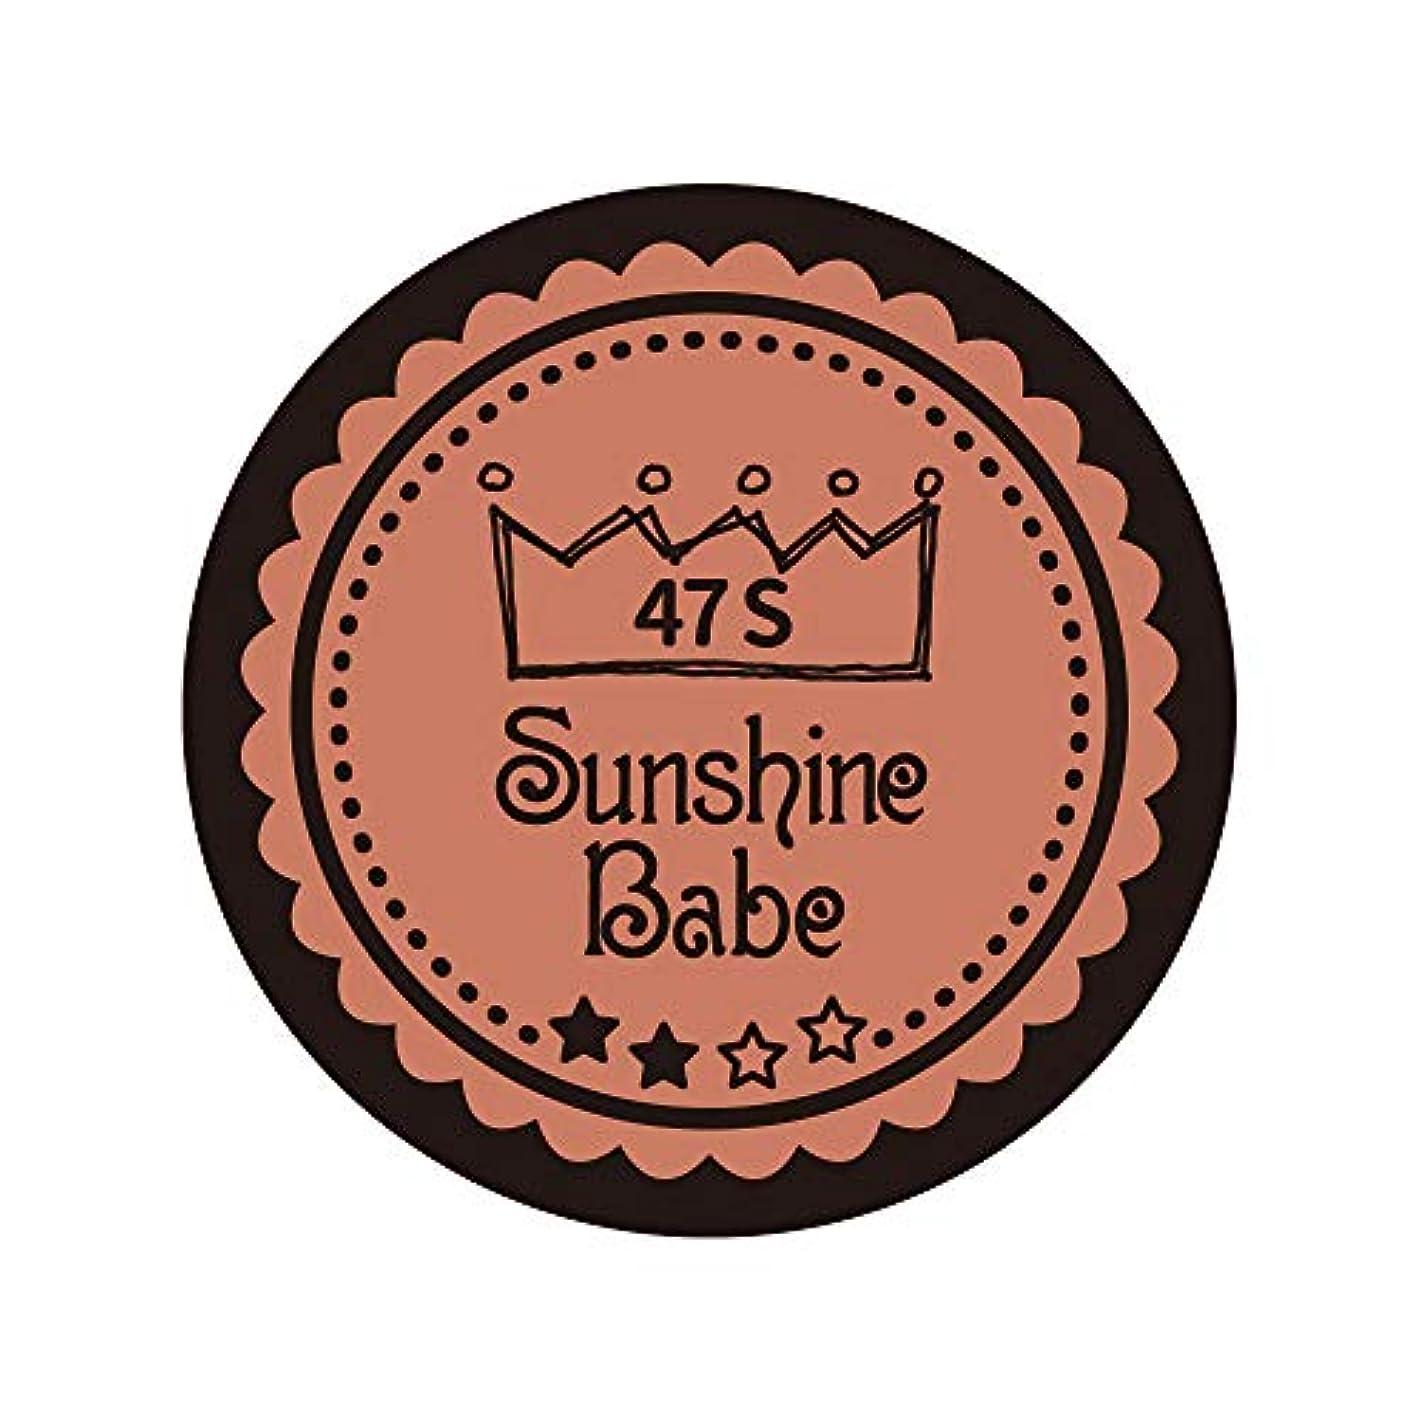 技術コンバーチブルのスコアSunshine Babe カラージェル 47S ピーチブラウン 2.7g UV/LED対応